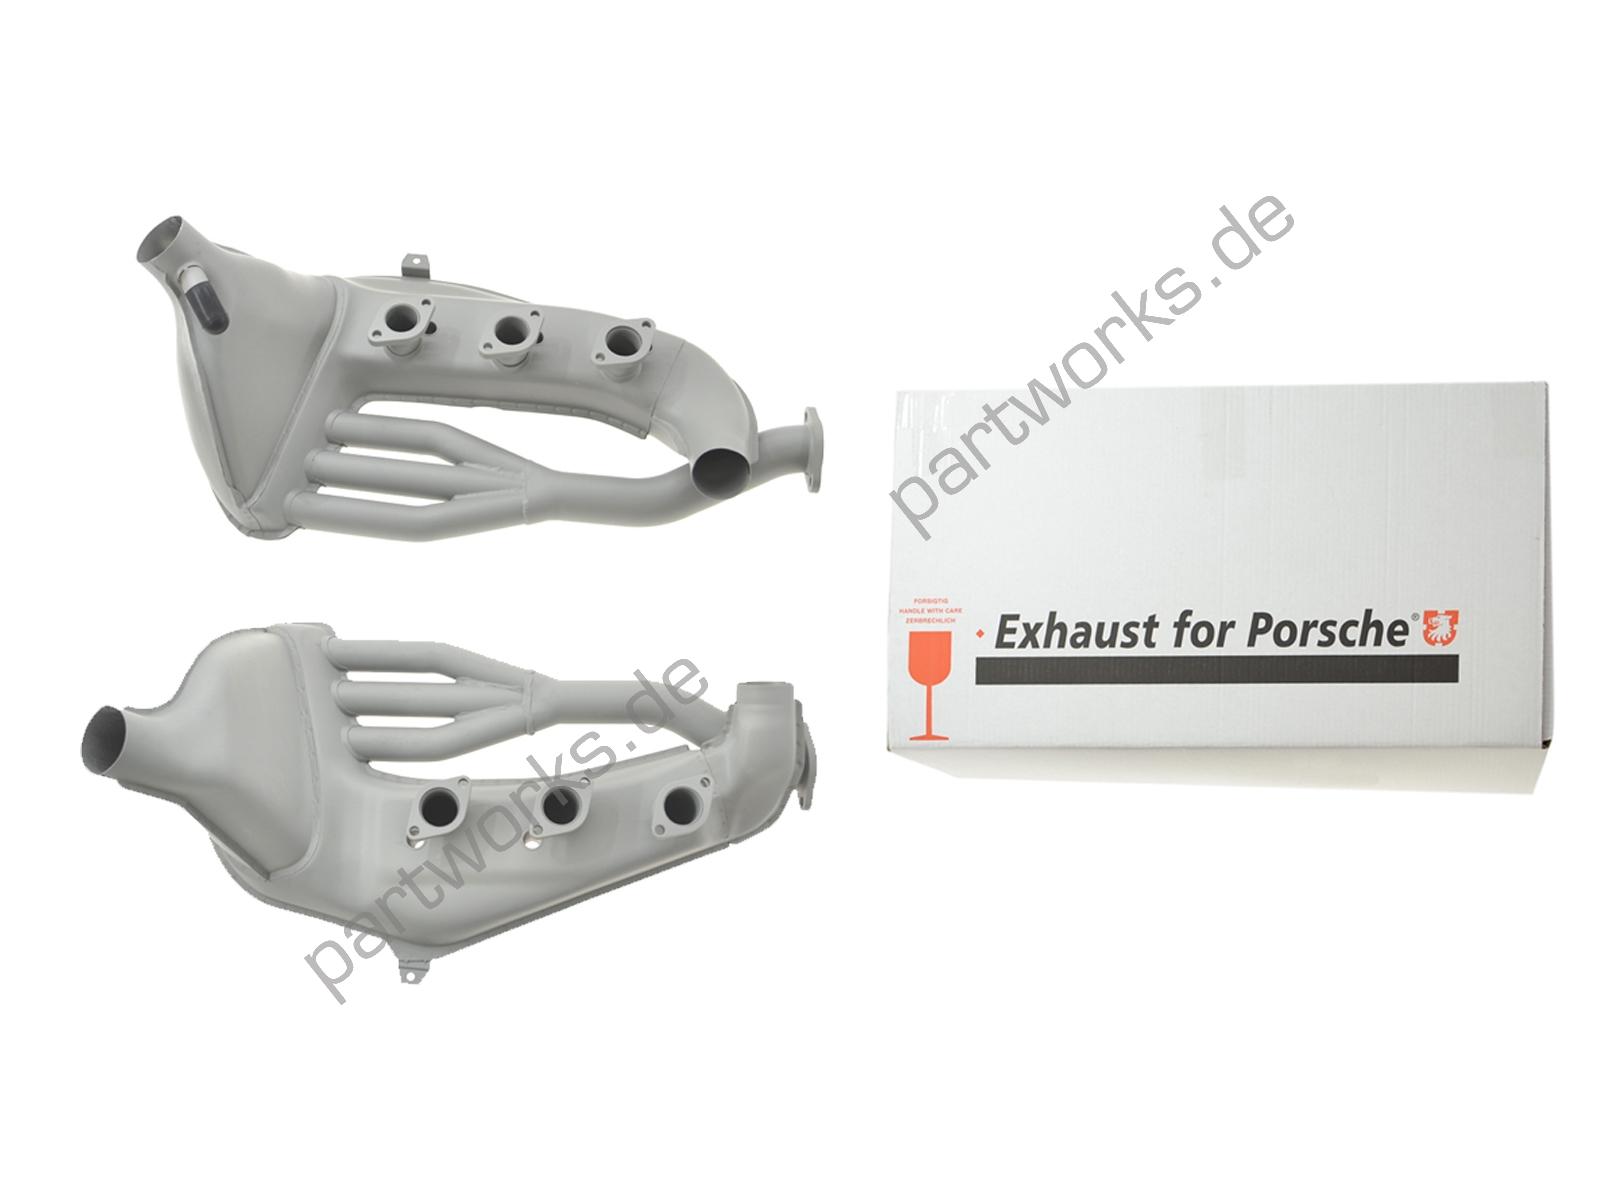 Set Wärmetauscher für Porsche 911 T/E/S '65-'75 2.0-2.7 STAHL